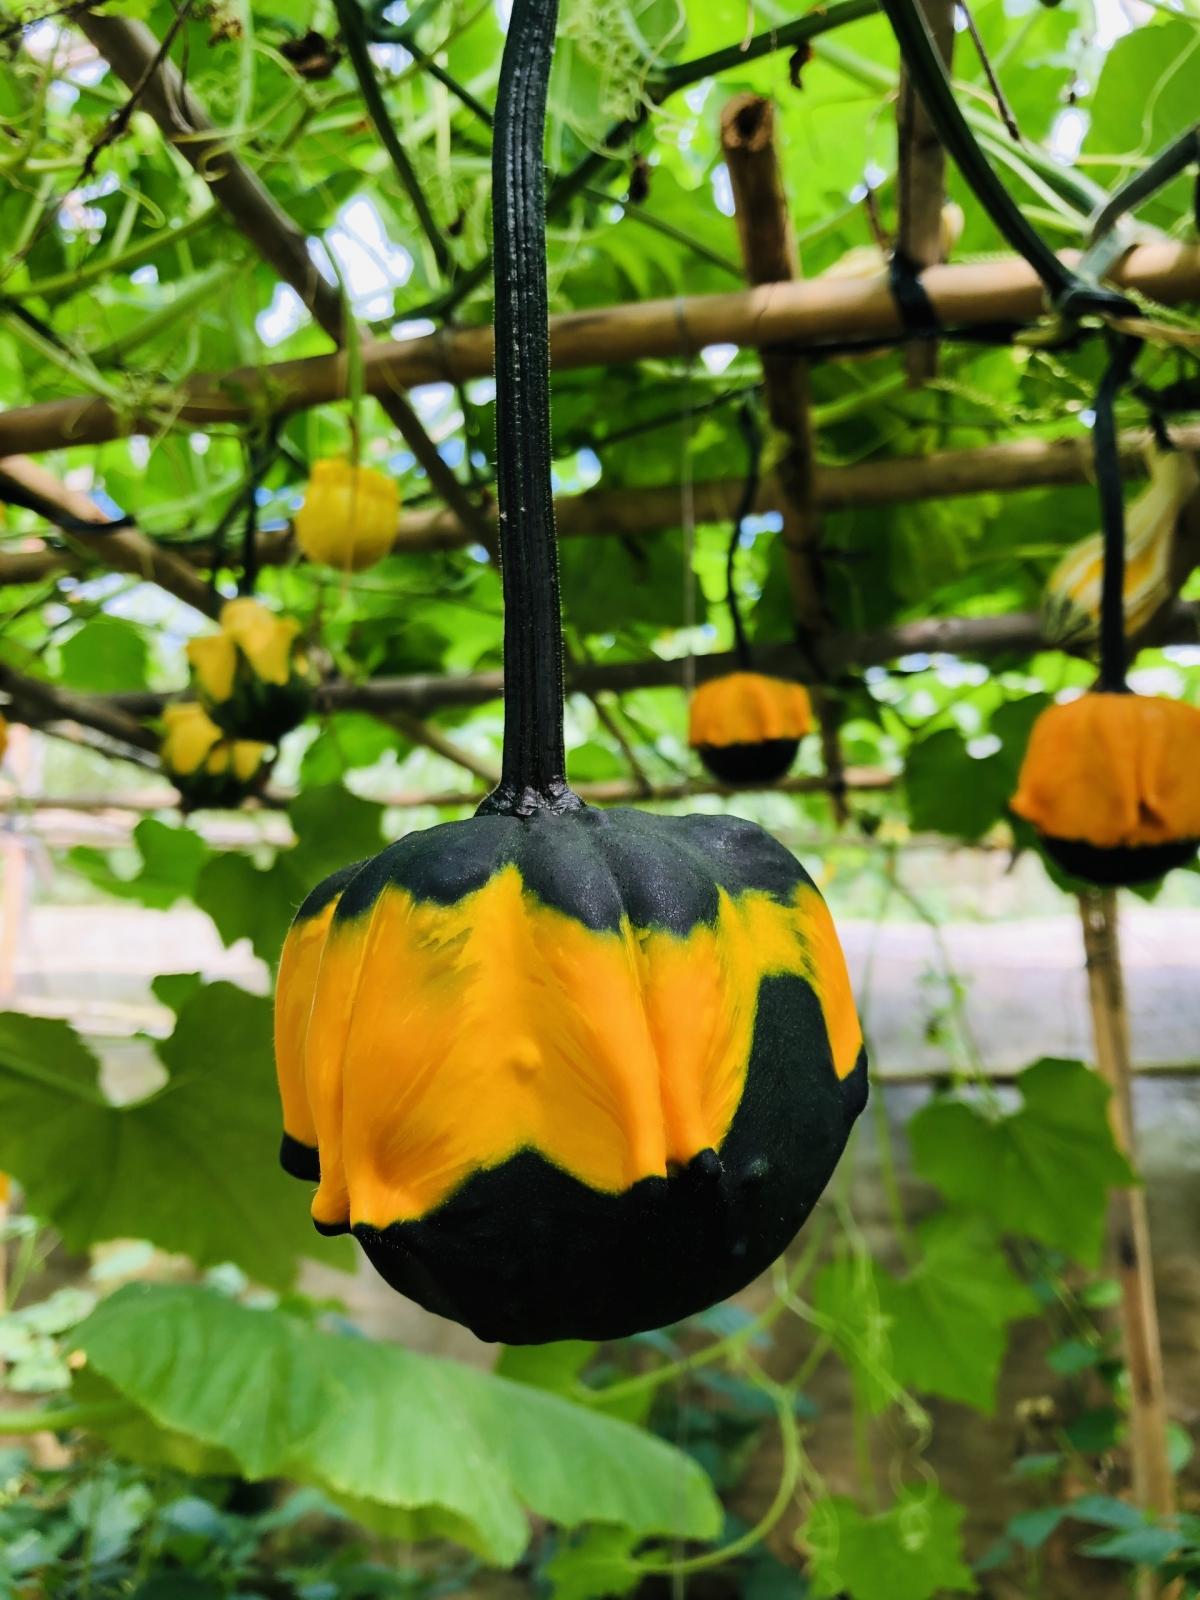 A pumpkin garden costs billions of VND each year.